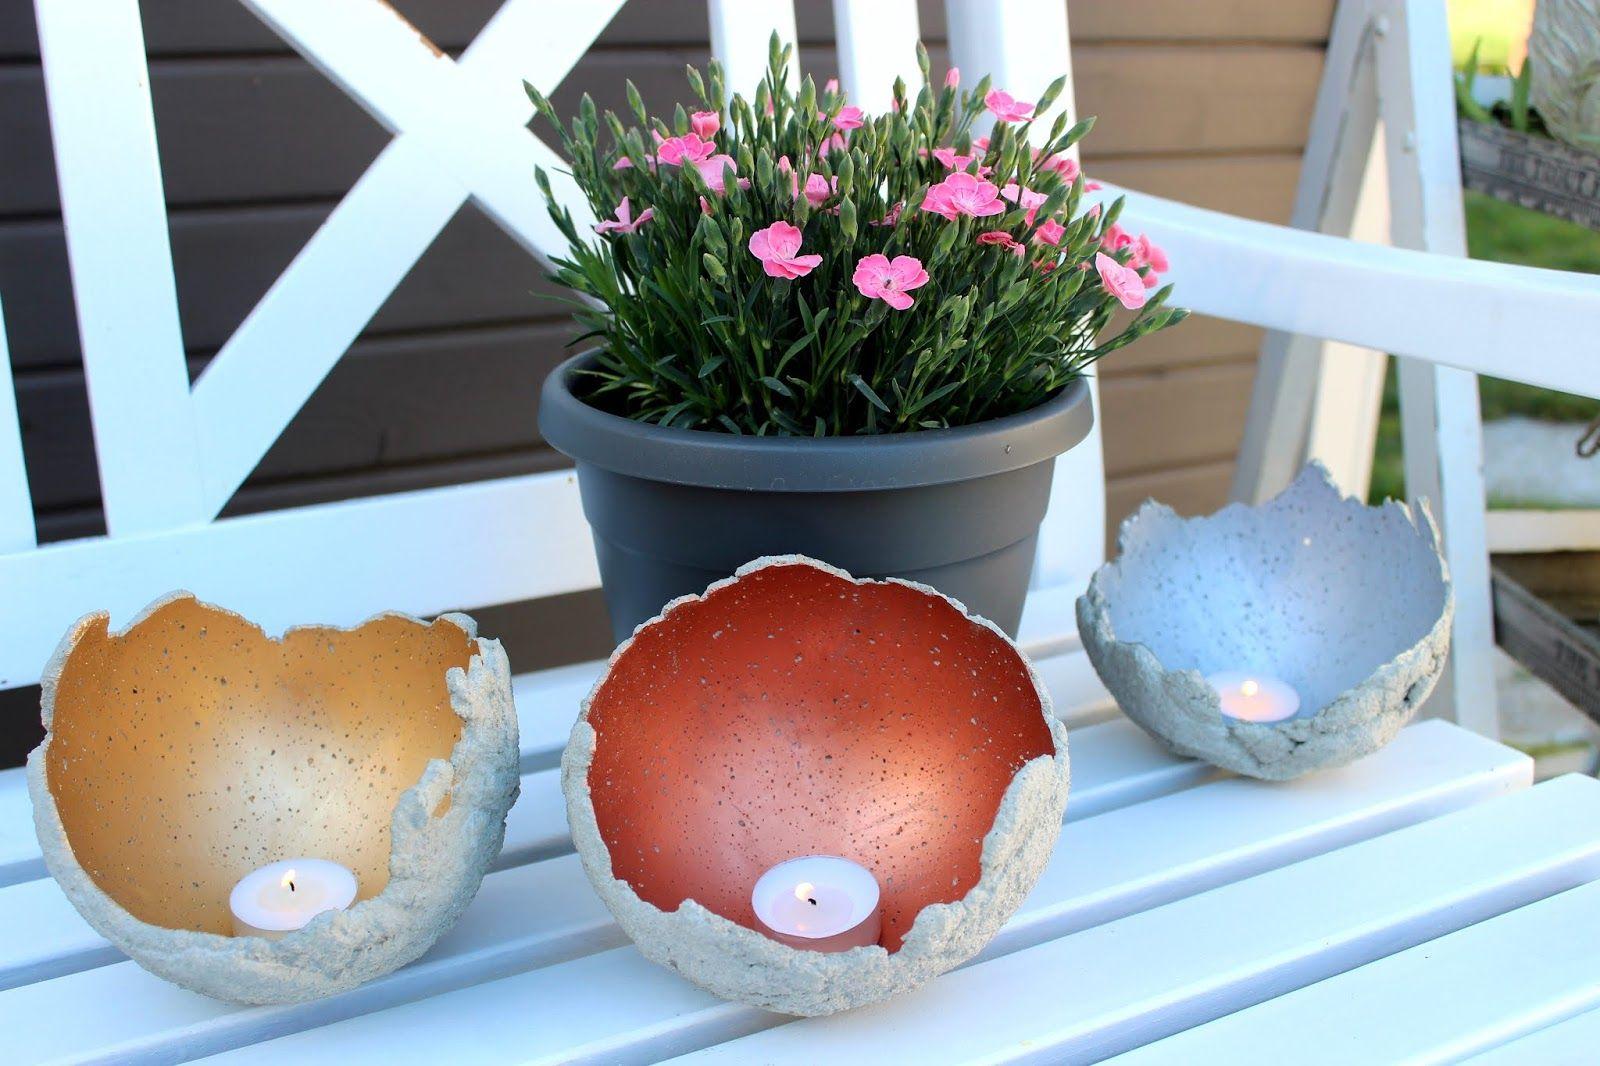 DIY Windlichter aus Beton ganz einfach selber machen - die perfekte Gartendeko #gartendekoselbermachen